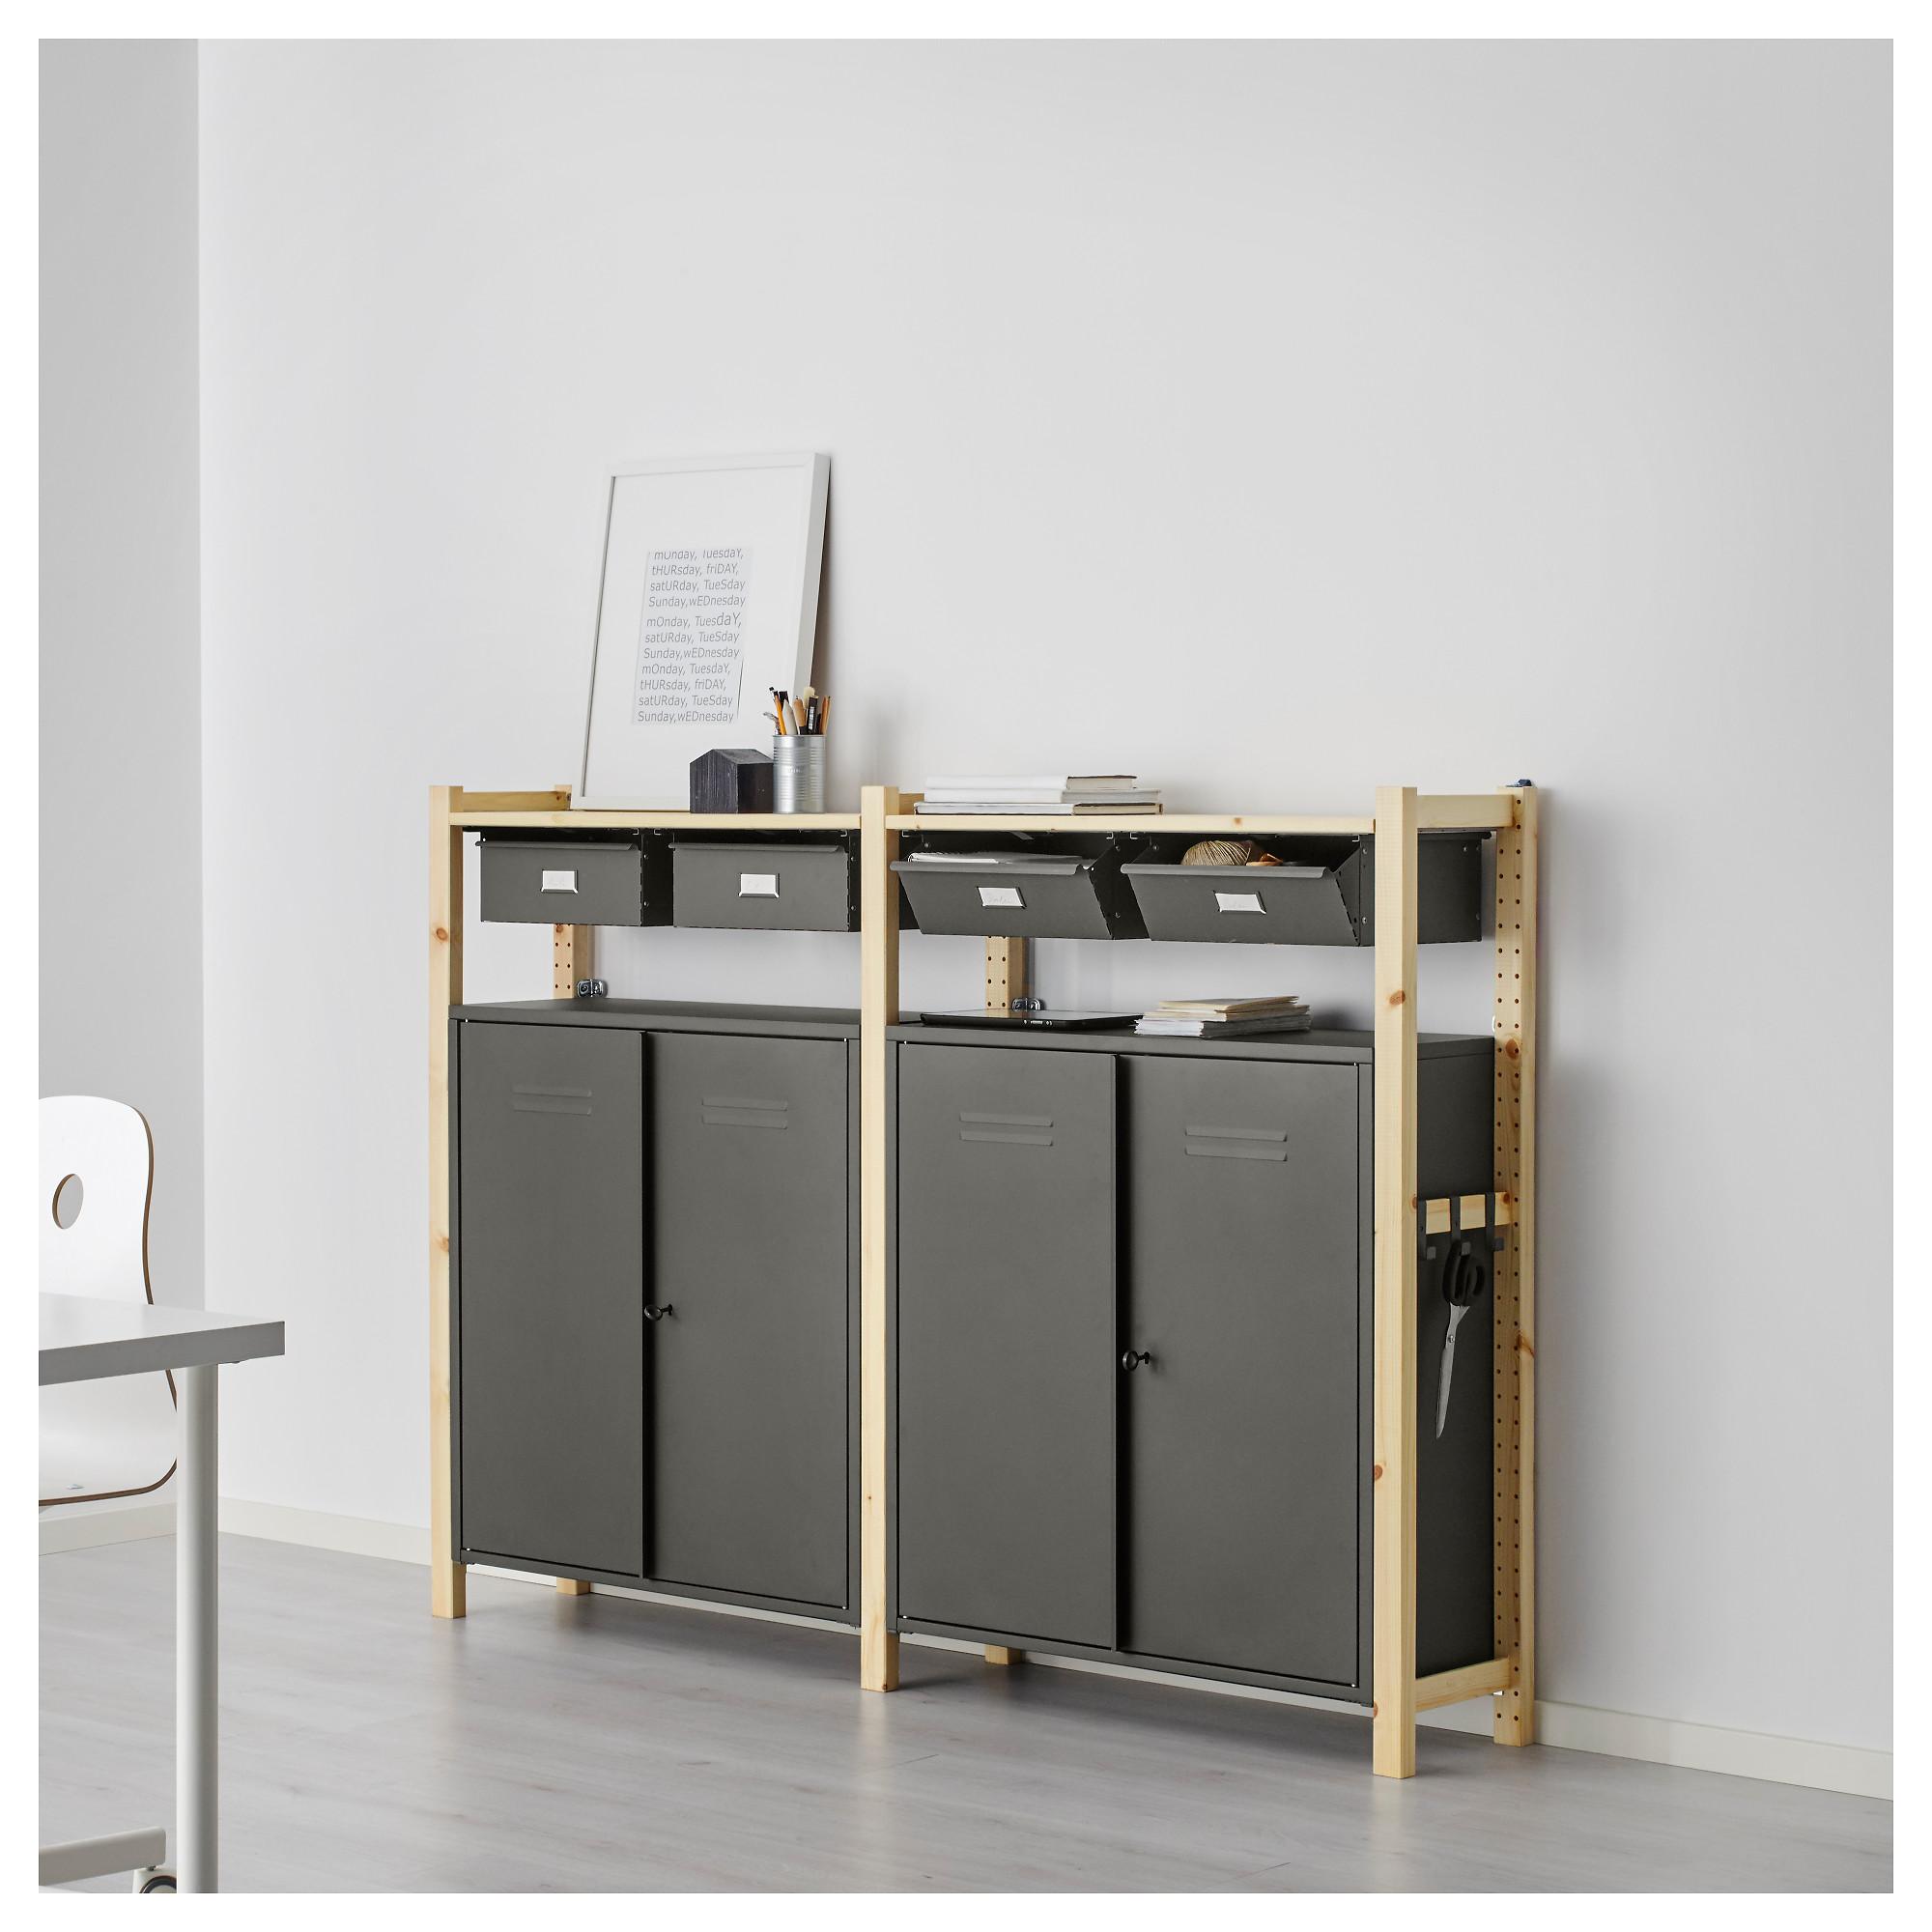 2 секции, полки/шкафы ИВАР серый артикуль № 691.837.09 в наличии. Онлайн каталог IKEA Беларусь. Быстрая доставка и монтаж.